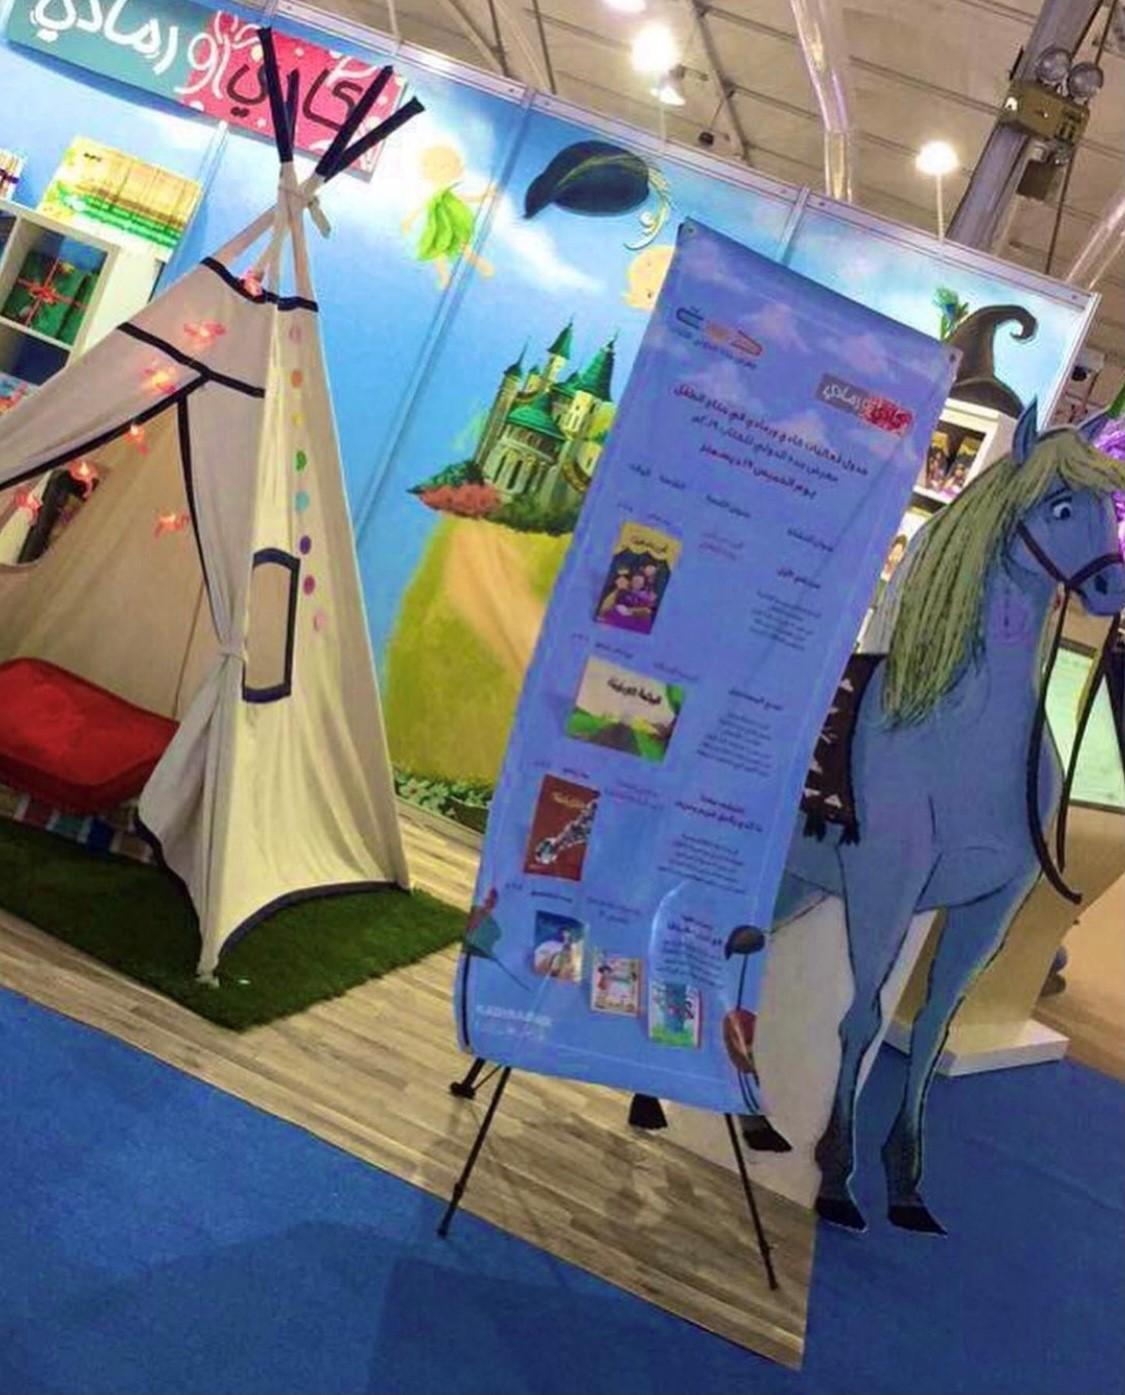 ننتظركم في #معرض_جدة_الدولي_للكتاب في جناحنا رقم G75🤗🤗🤗 لدينا خيمة مريحة للقراءة للأطفال ومجموعة كبيرة منالقصص الشيقة الجديدة وفِي ركننا الجميل تكتب الحكايات التي لا تنسى